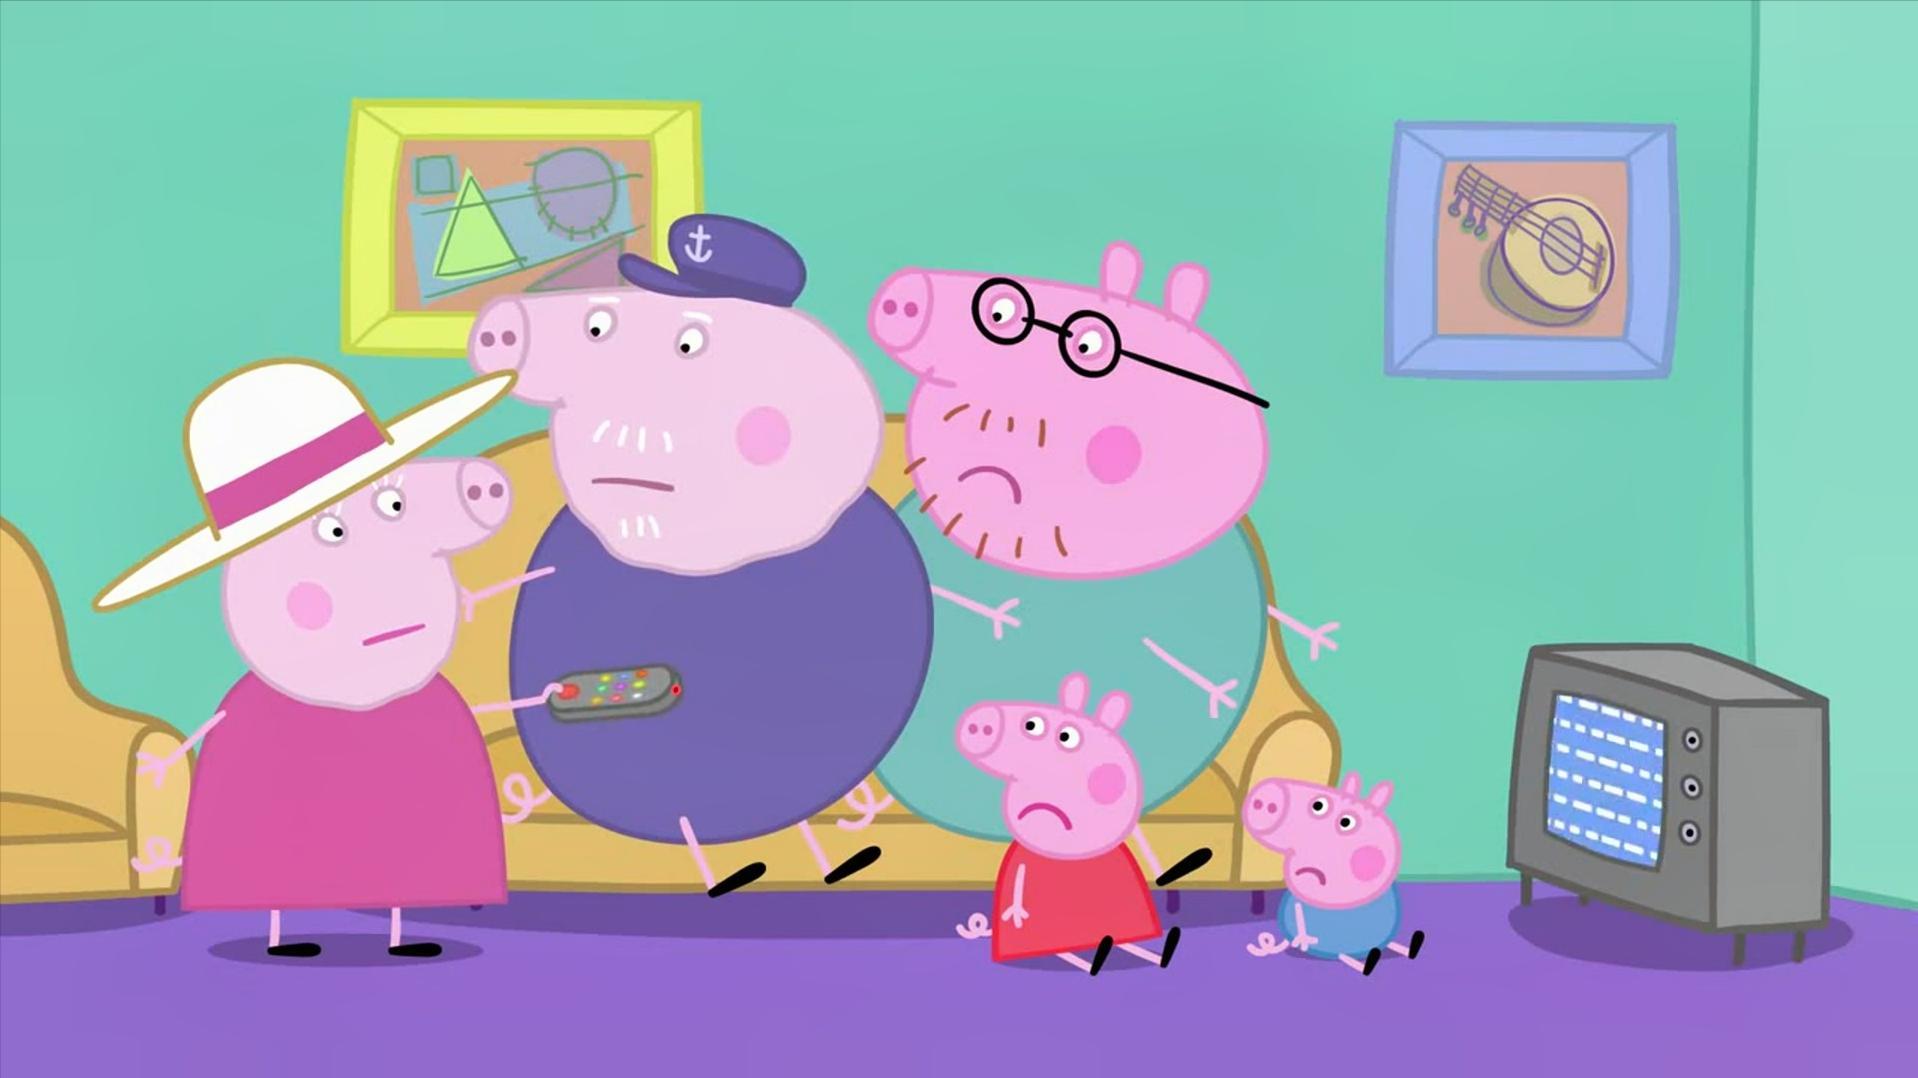 小猪佩奇:猪爷爷怎么了,和佩奇看比赛,却把猪奶奶给怼了!